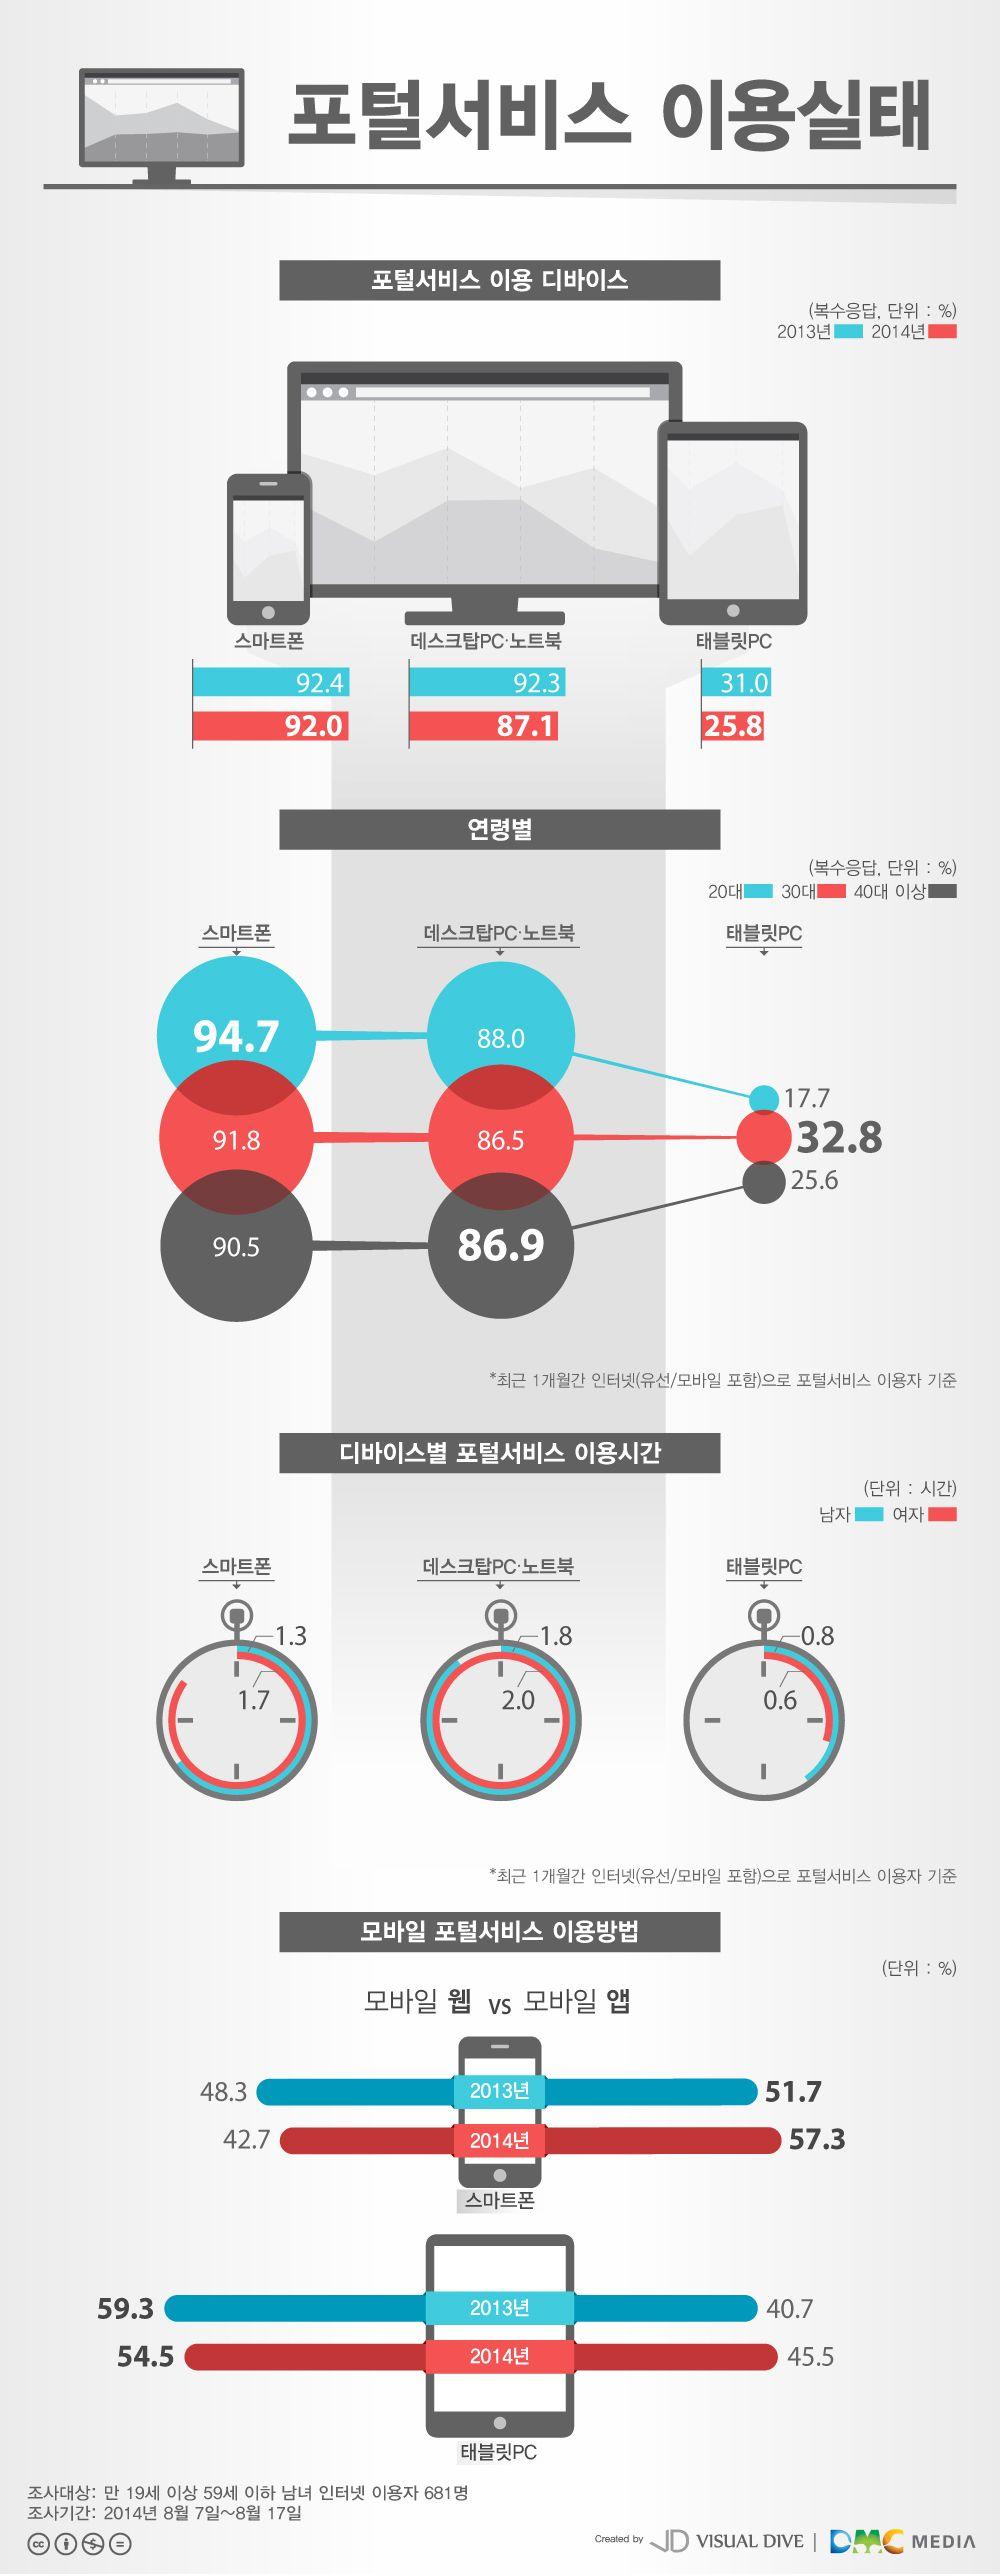 디바이스별 포털서비스 이용 현황 인포그래픽 Device Infographic 비주얼다이브 무단 복사 전재 재배포 금지 인포그래픽 레이아웃